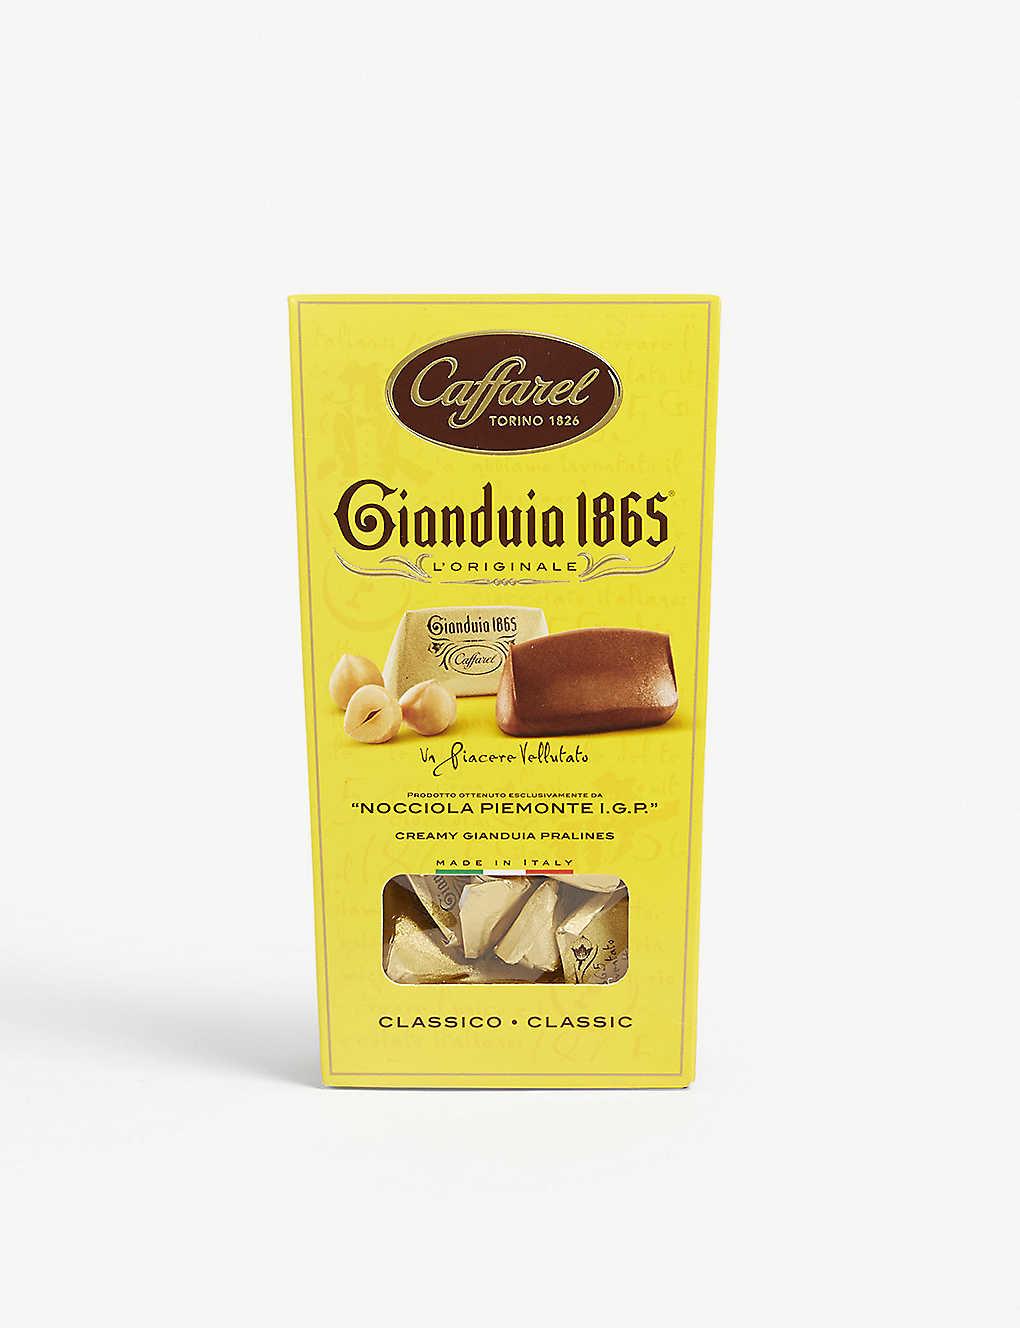 797eb1dad CAFFAREL - Gianduia 1865 gianduja chocolate hazelnut pralines 100g ...